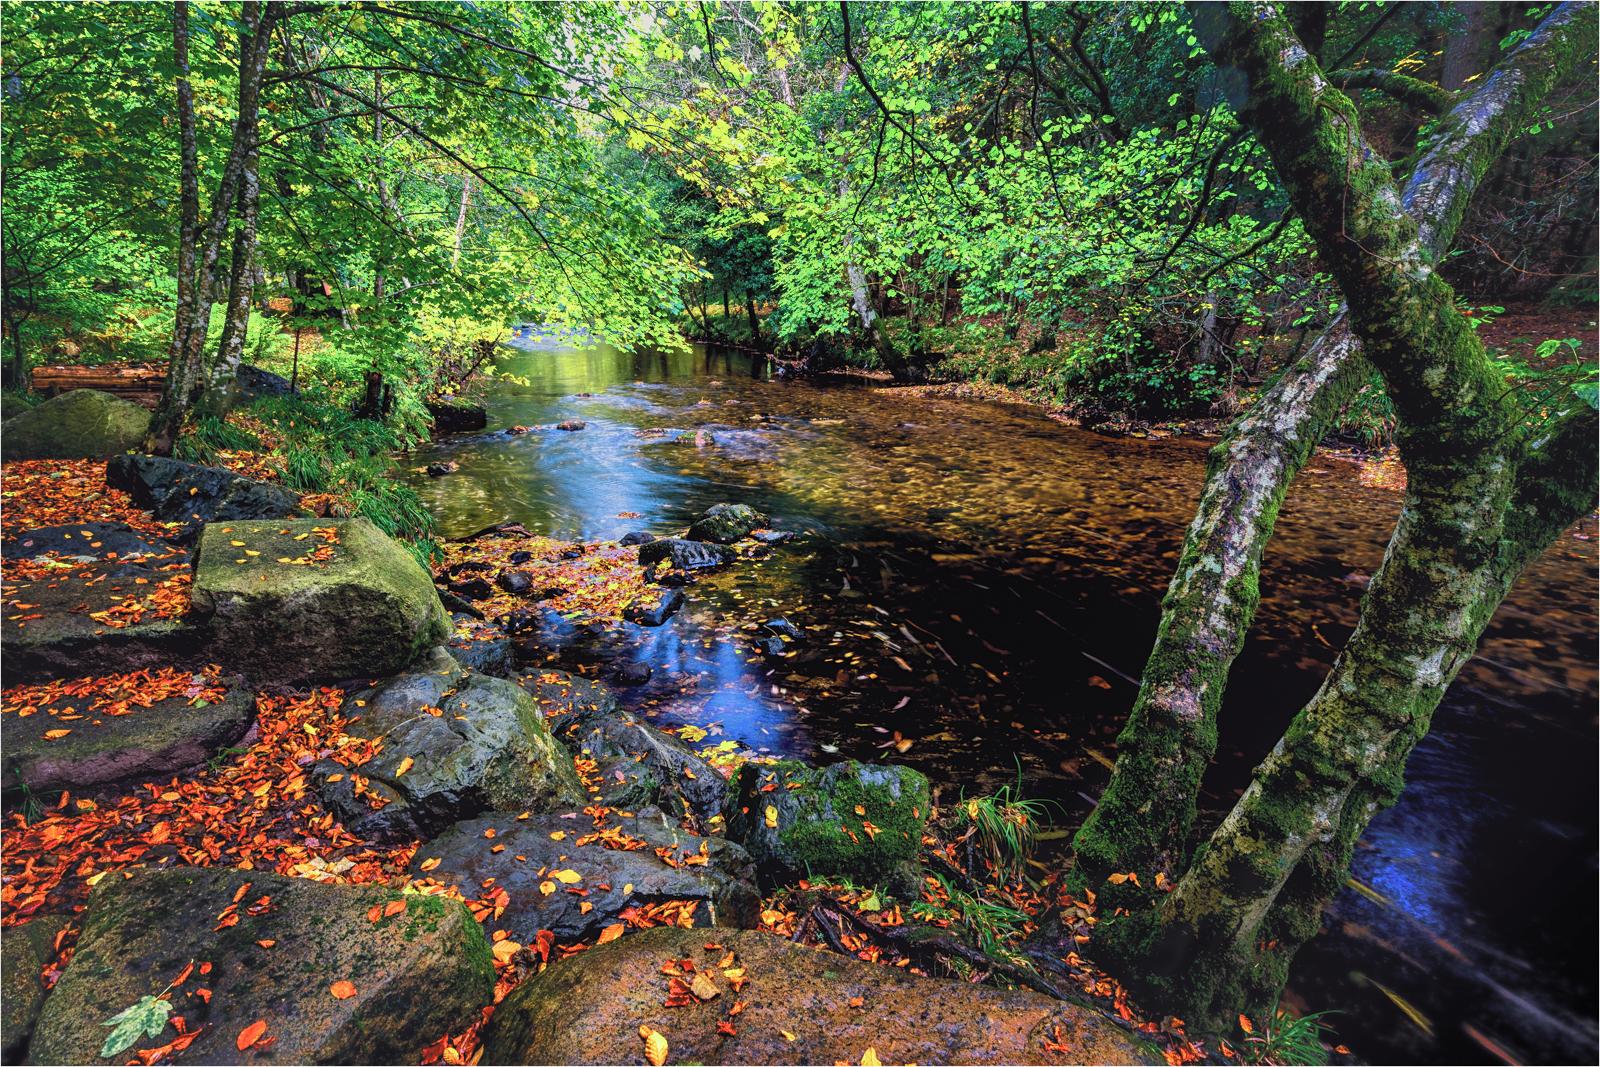 03_River Teign Dartmoor_John Barton